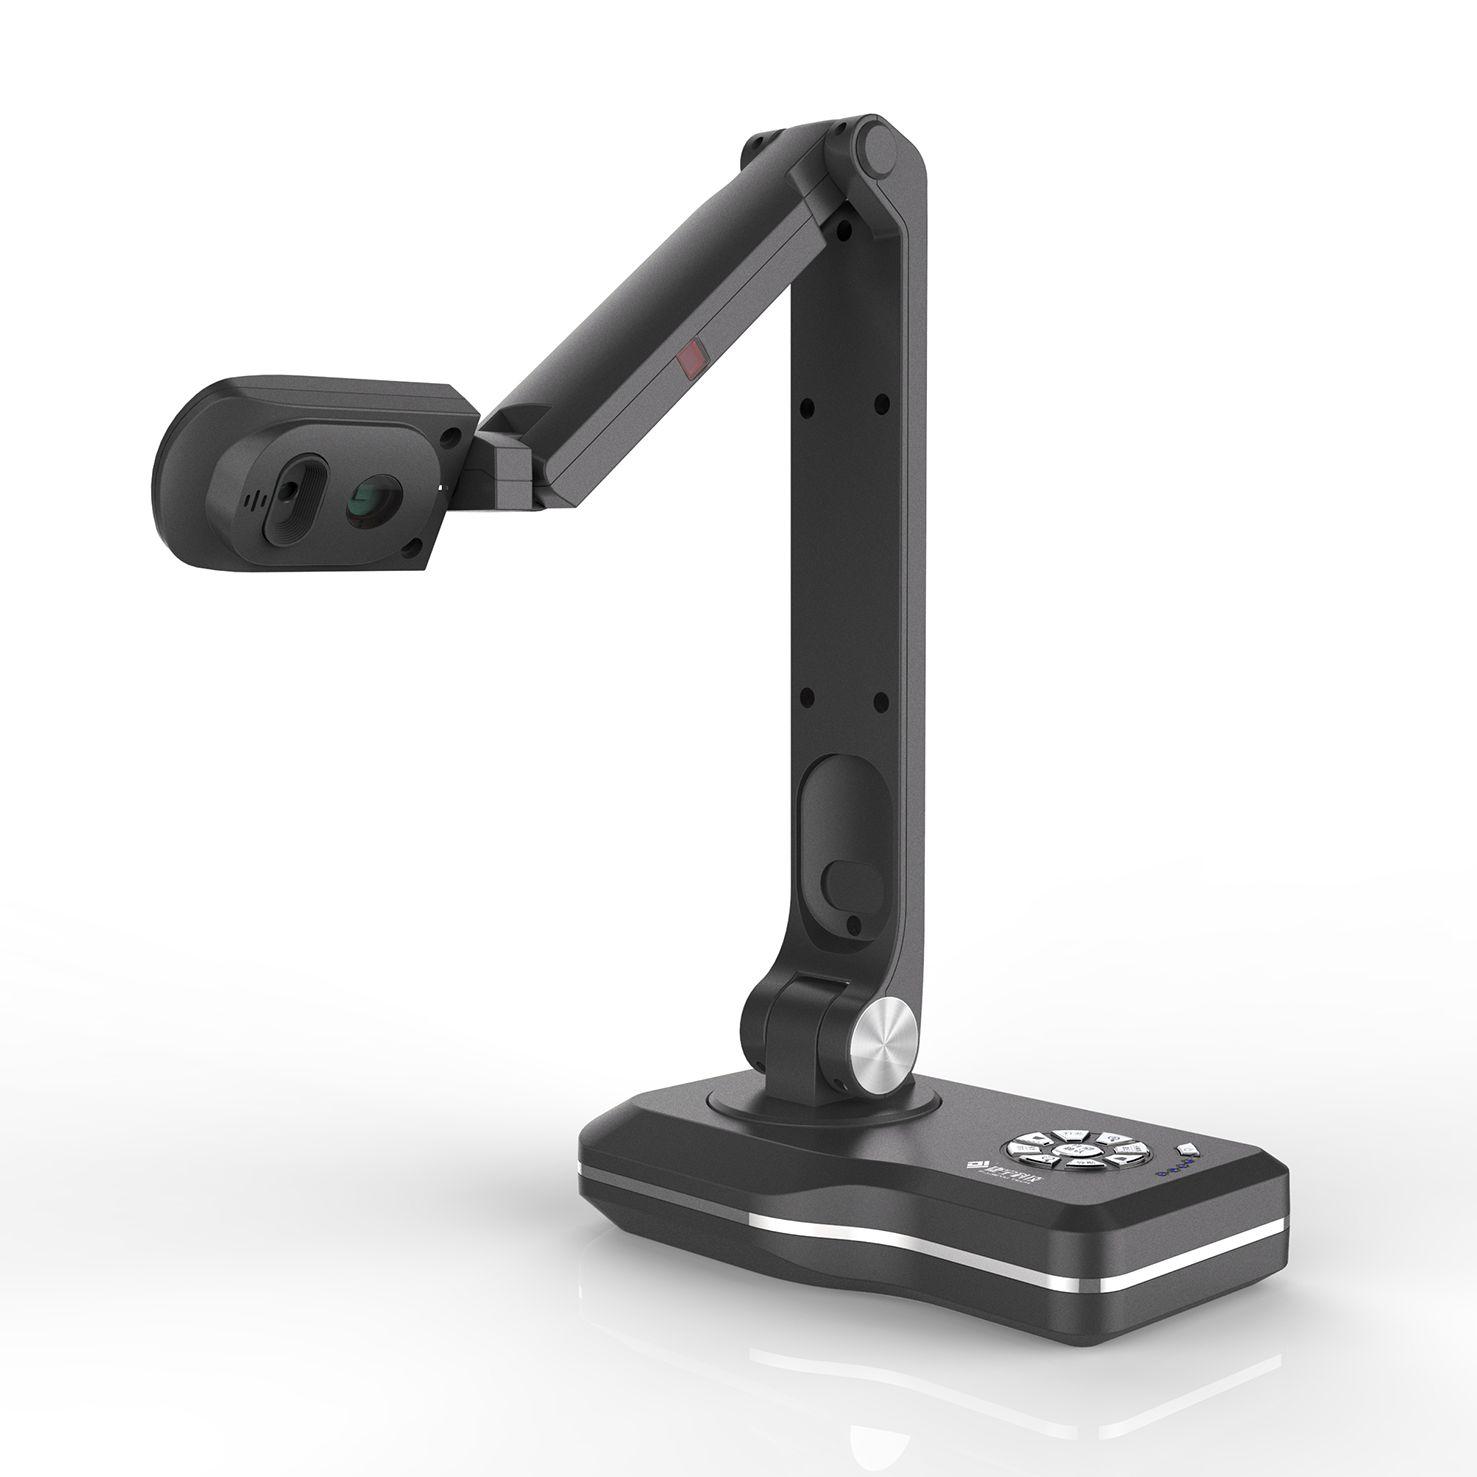 oyusing V500 HDMI VGA USB Document Camera